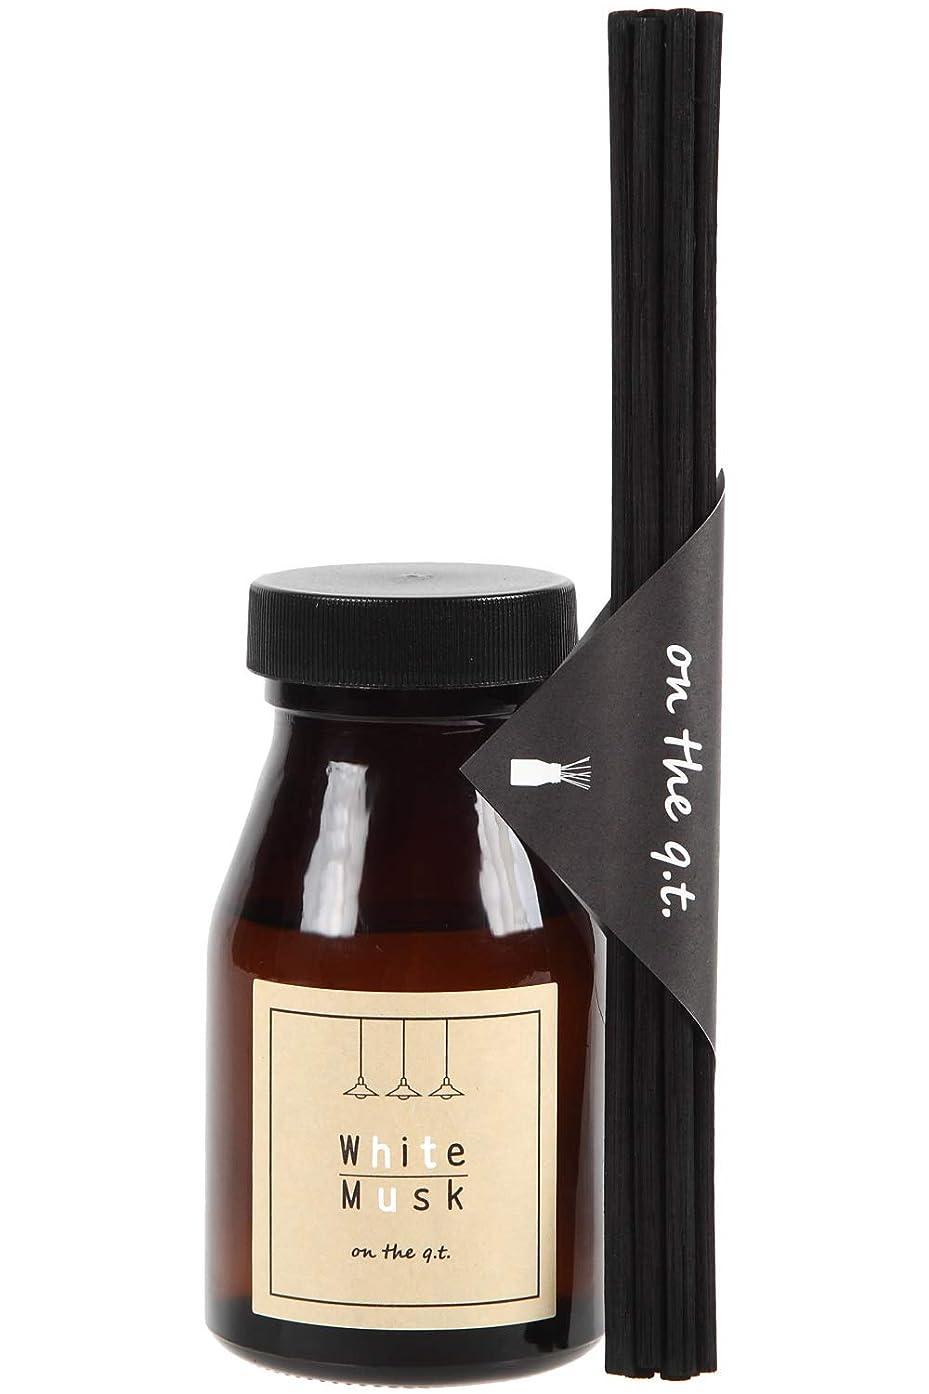 ボーナス満了最も遠いリードディフューザー ホワイトムスク ルームフレグランス ルームディフューザー 芳香剤 140ml